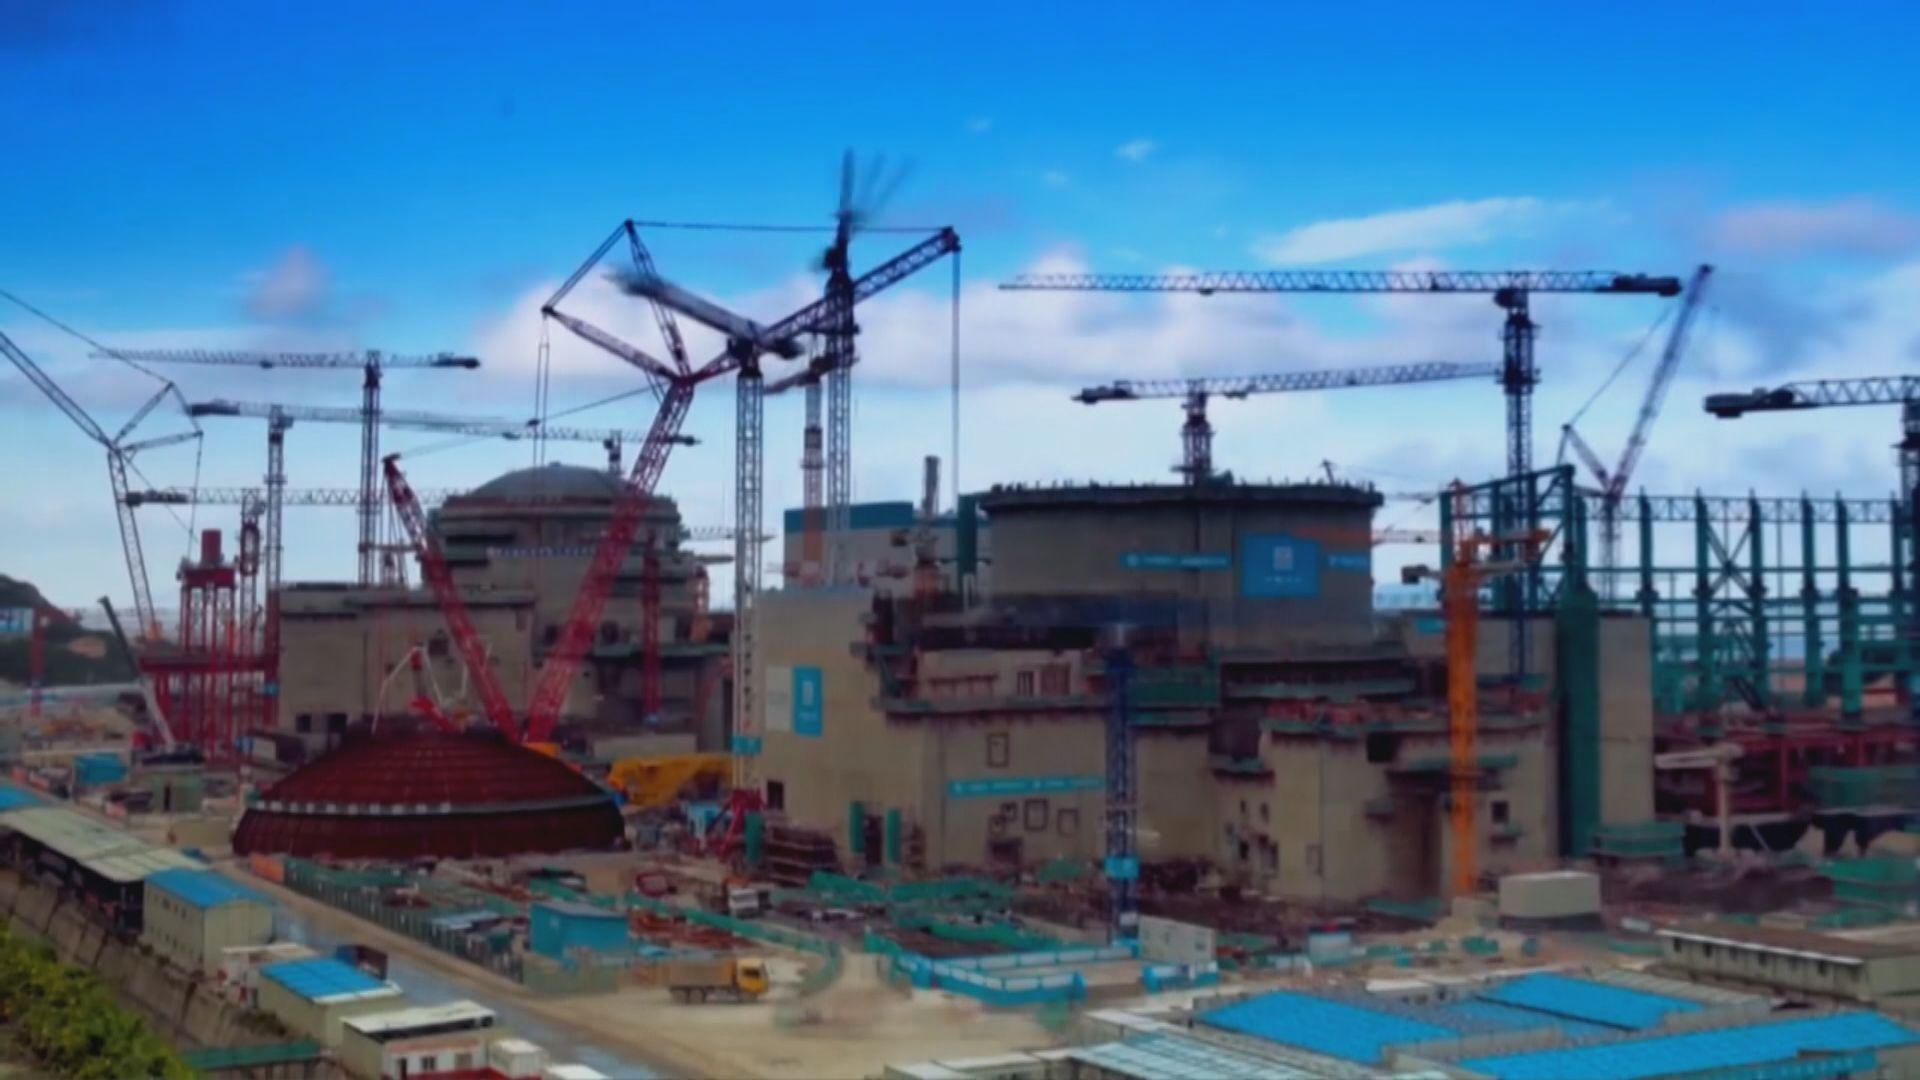 【即日焦點】台山核電站疑燃料棒出問題 專家:惰性氣體經處理不影響健康;日本研發鞋內導航裝置 利用震動為視像人士帶路